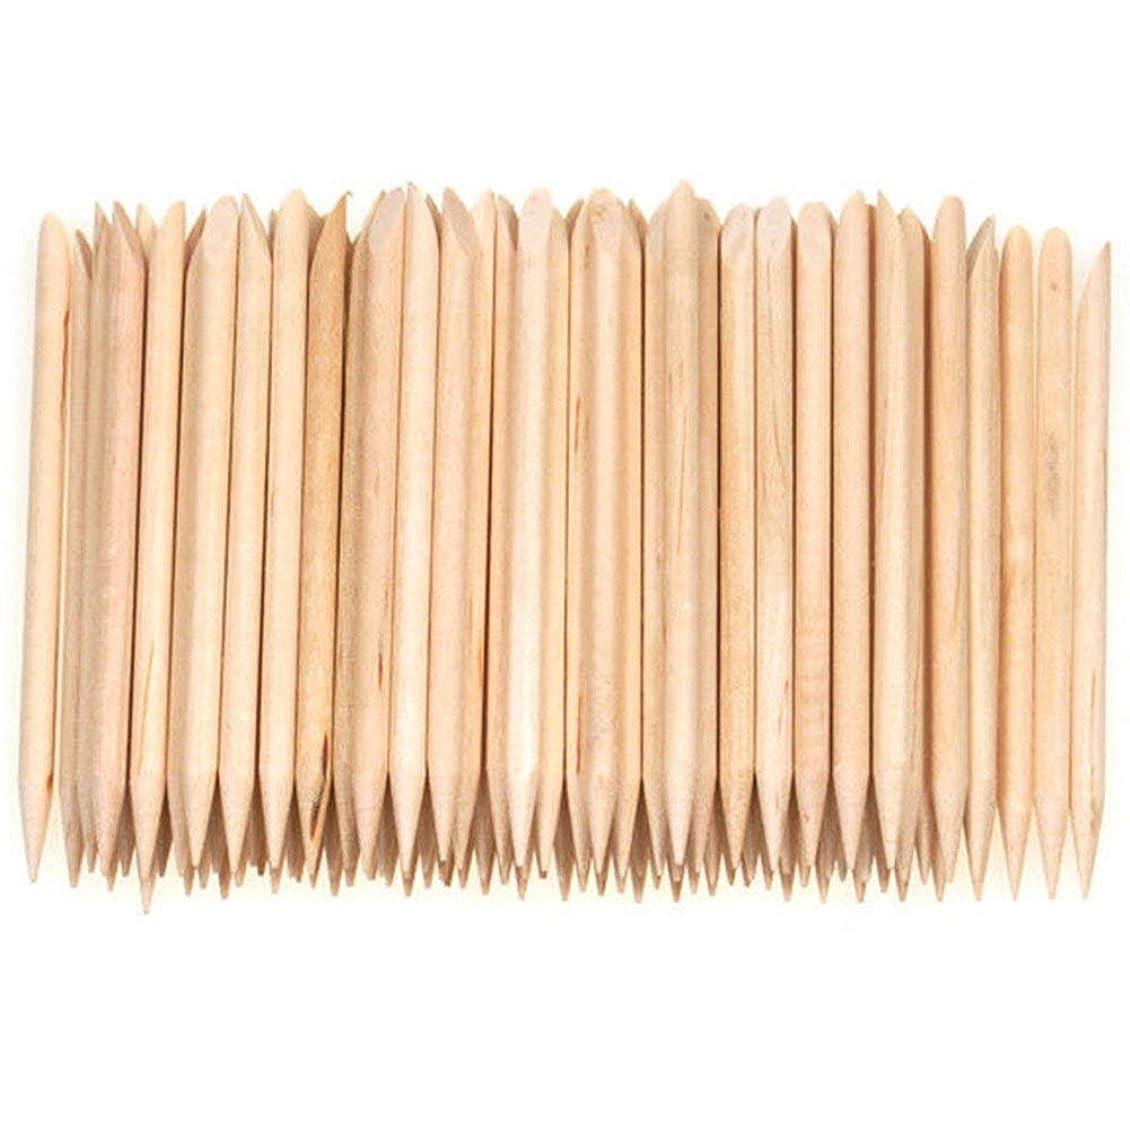 マート効率決定Semoic 100個ネイルアートデザイン木製の棒キューティクルプッシャーリムーバーマニキュアケア